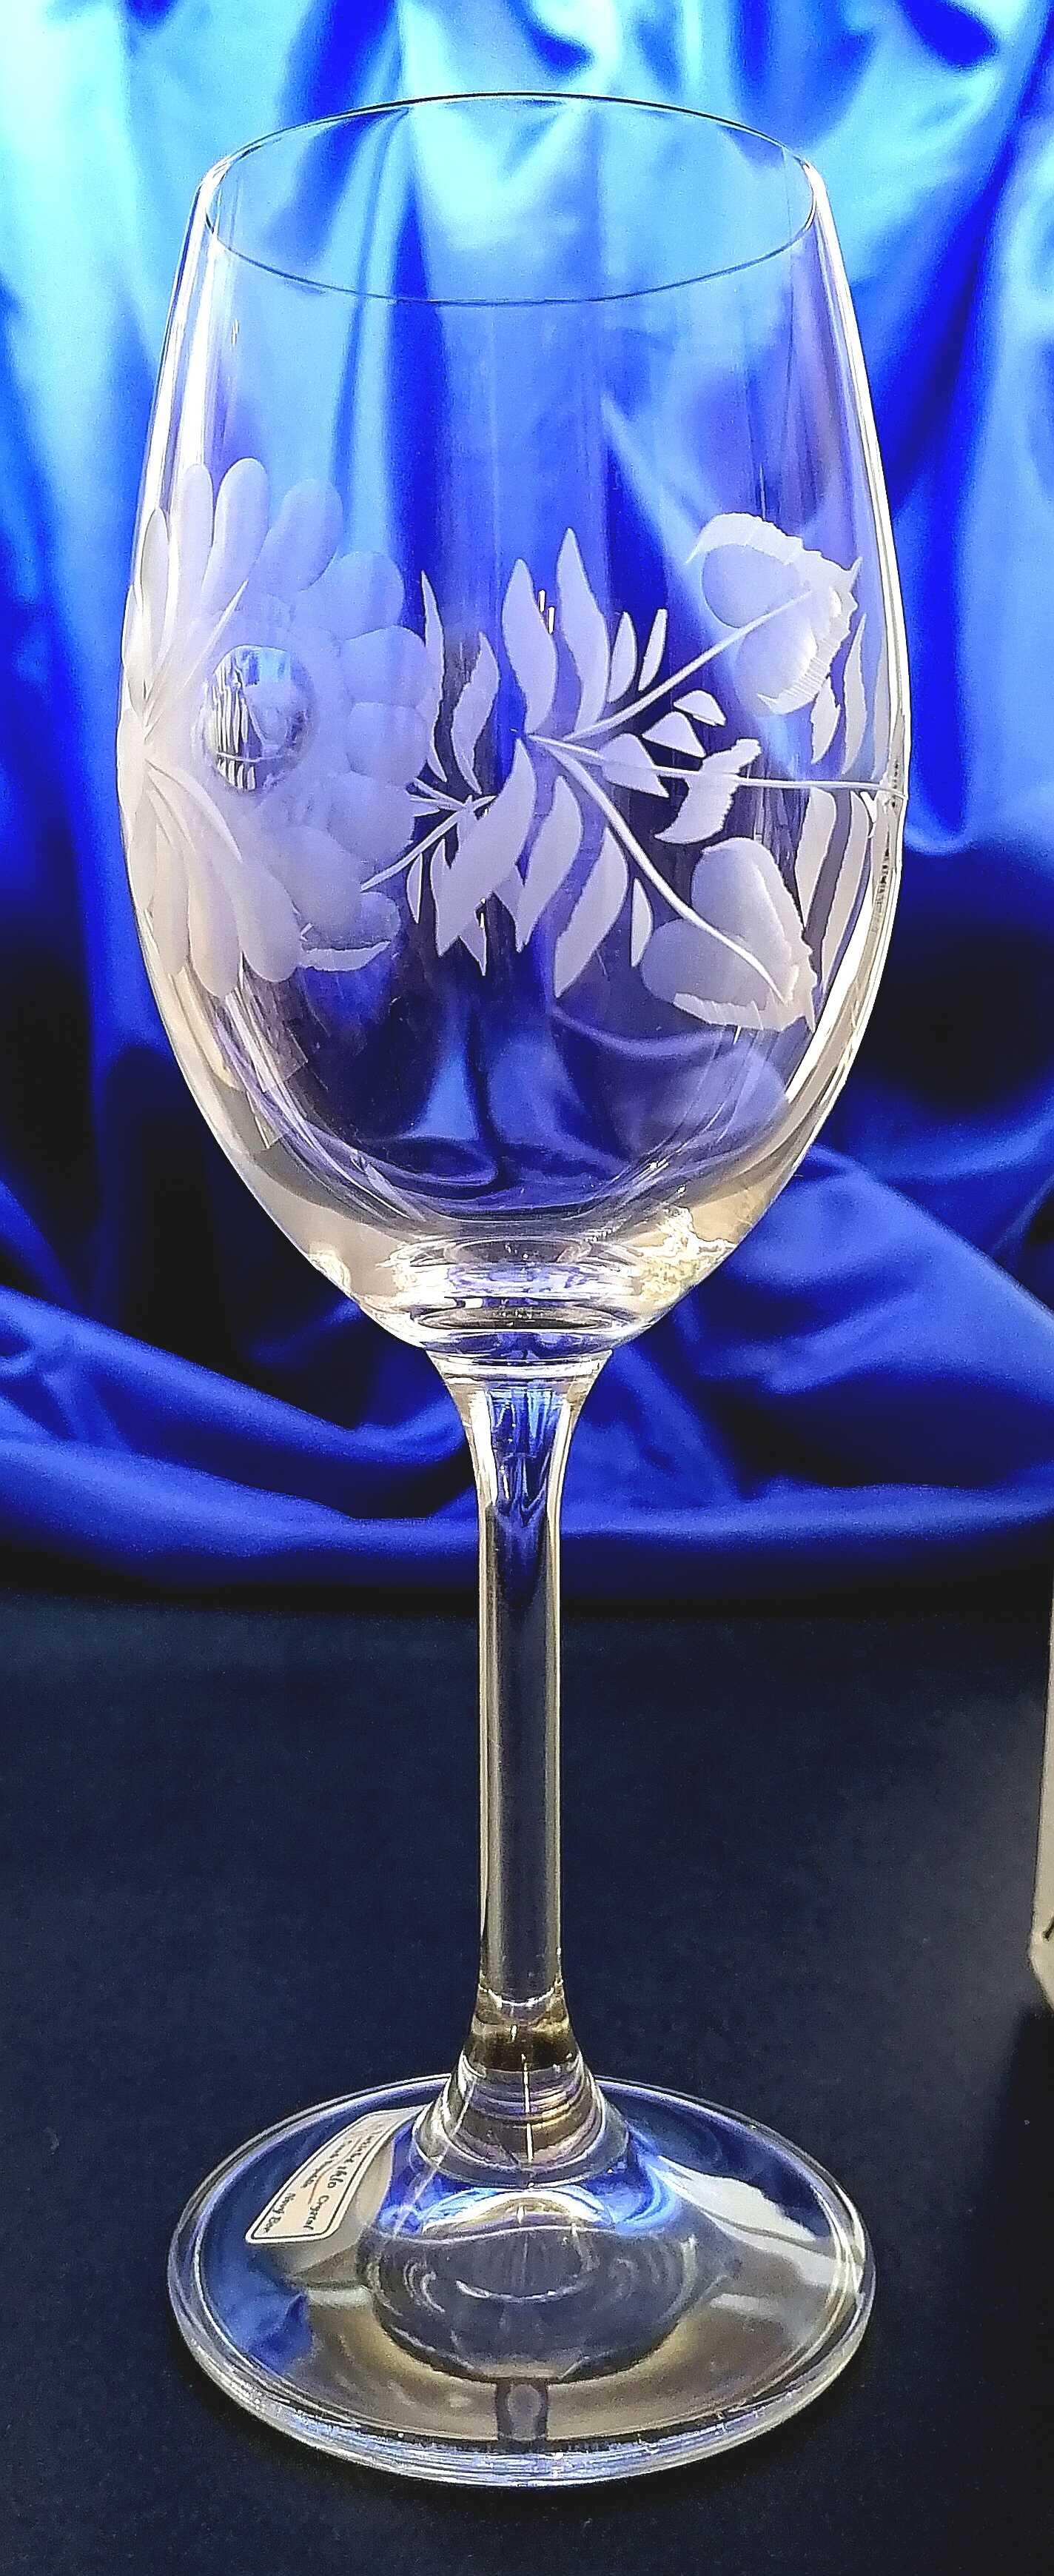 Lužické sklo LsG Nový Bor LsG-Crystal Skleničky broušené/ryté na víno Růže nostalgika VU-190 450 ml 4 Ks.